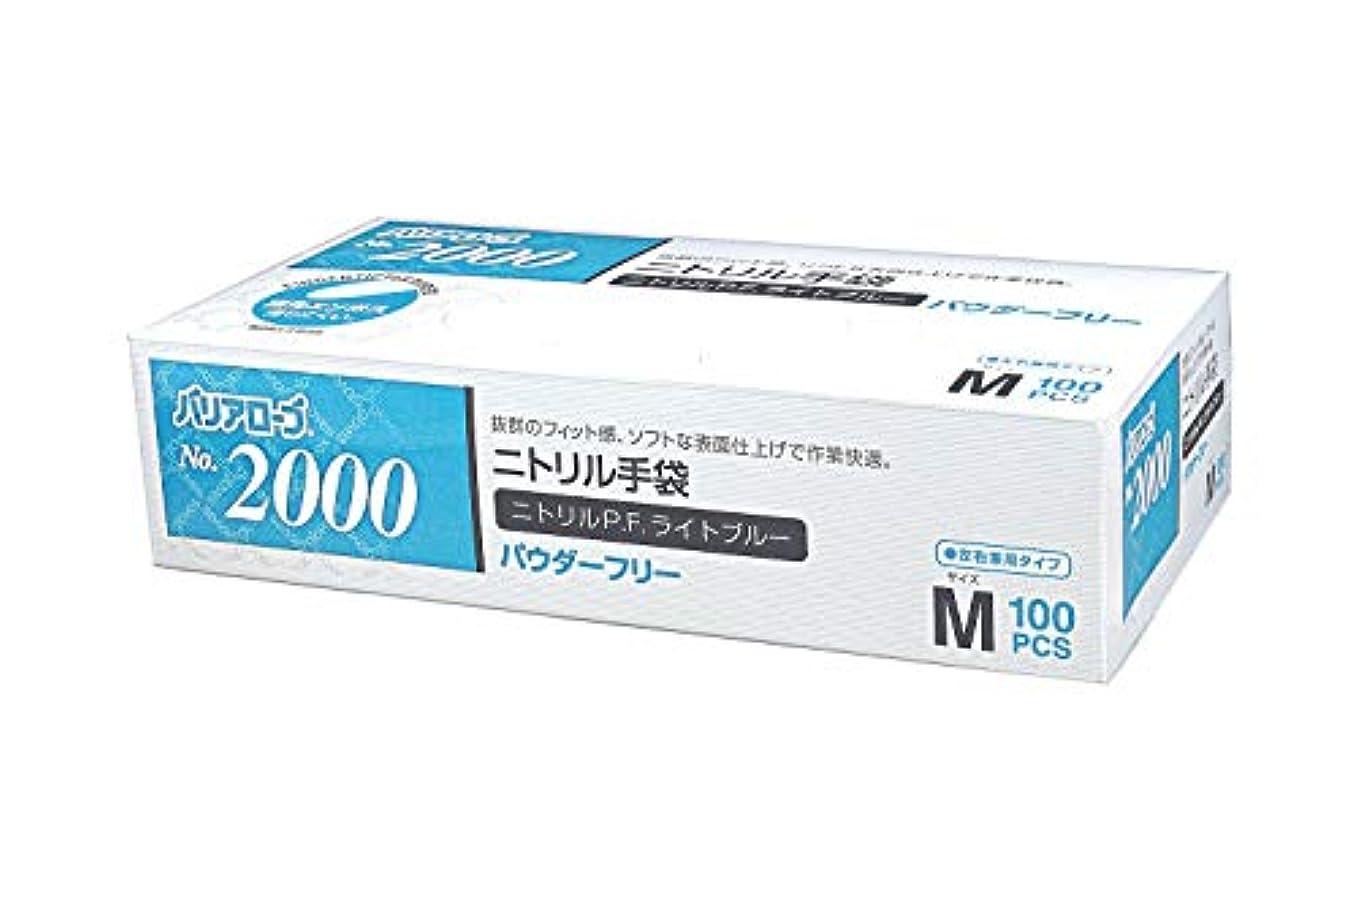 隣人逸話甘味【ケース販売】 バリアローブ №2000 ニトリルP.F.ライト ブルー (パウダーフリー) M 2000枚(100枚×20箱)